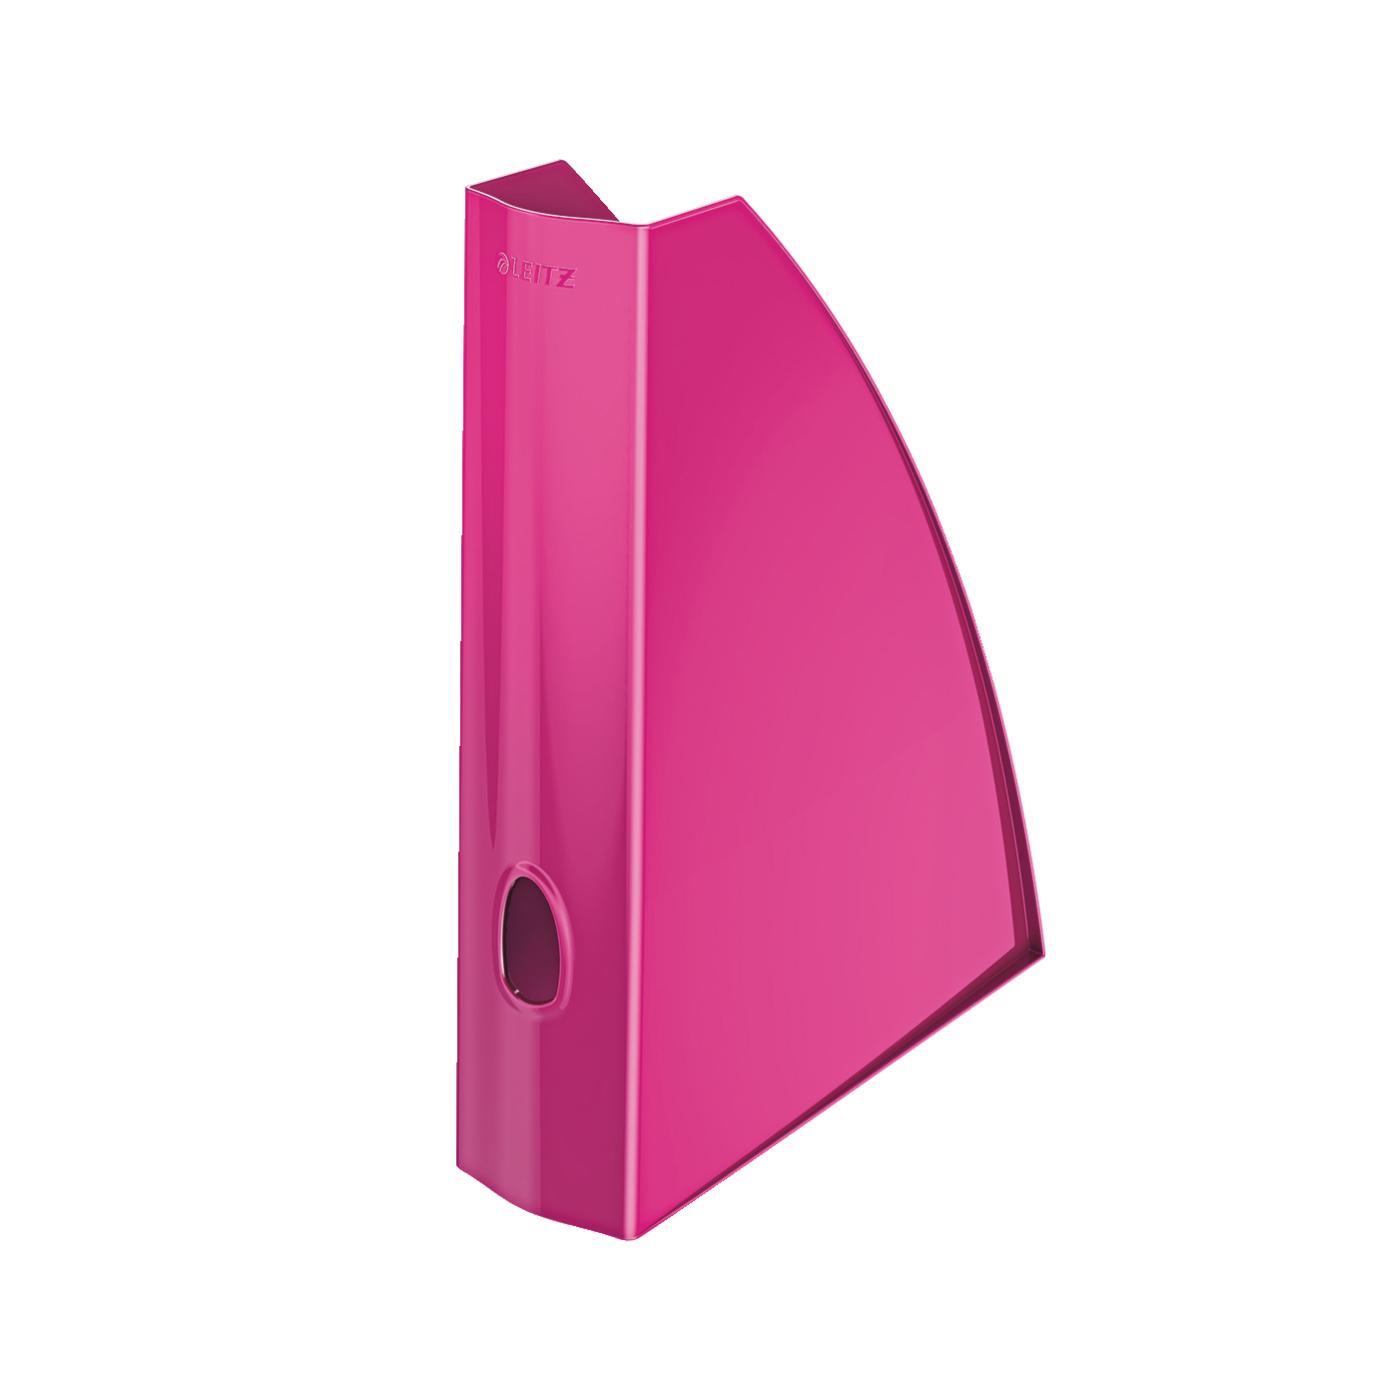 Magazine Files Leitz WOW Magazine File A4 Metallic Pink Ref 52771023